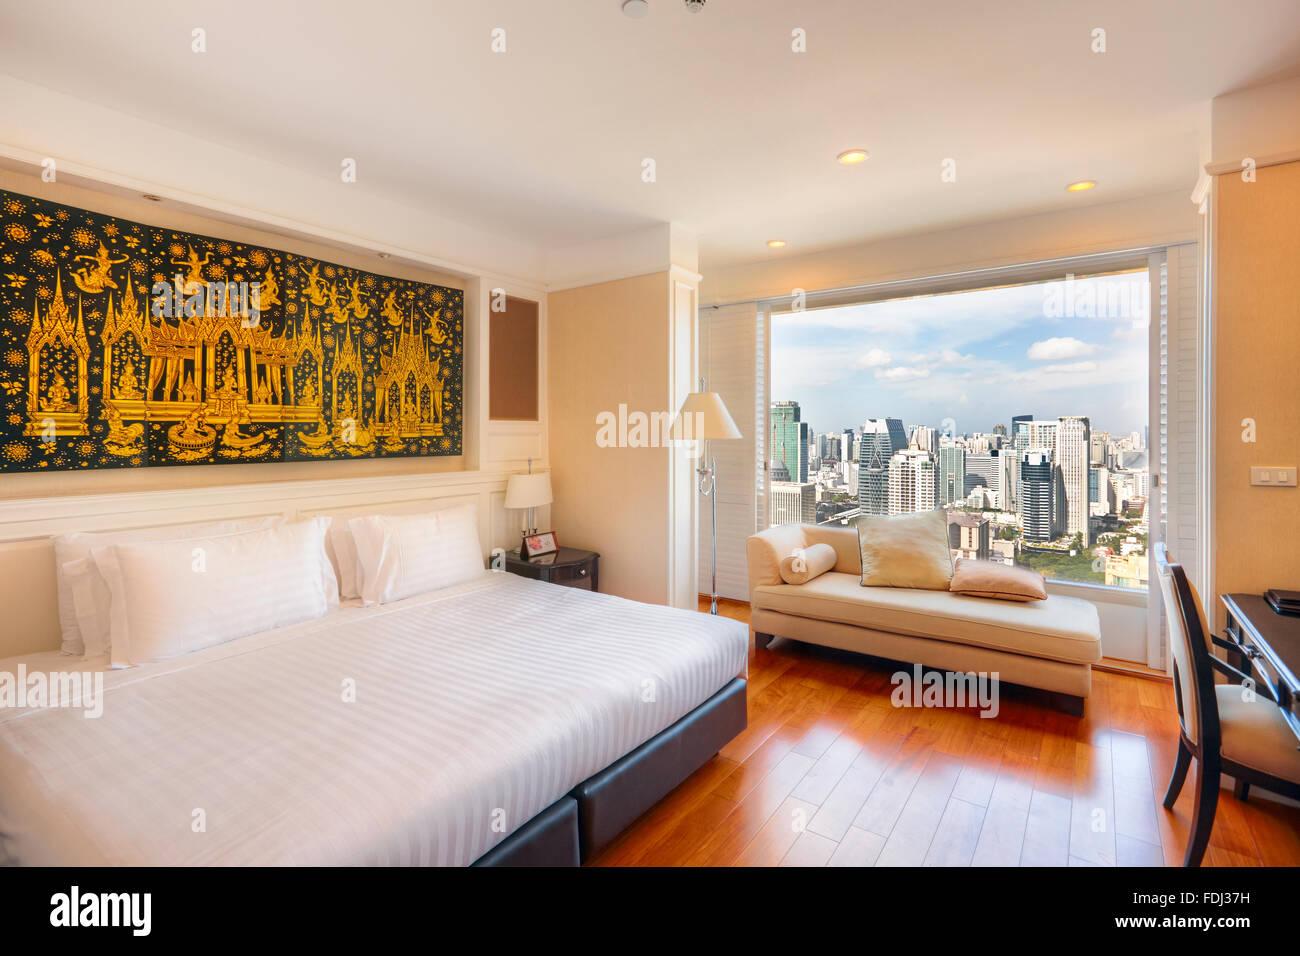 Chambre avec vue panoramique sur la ville dans la Grande Centre Point Hotel Ratchadamri. Bangkok, Thaïlande. Photo Stock